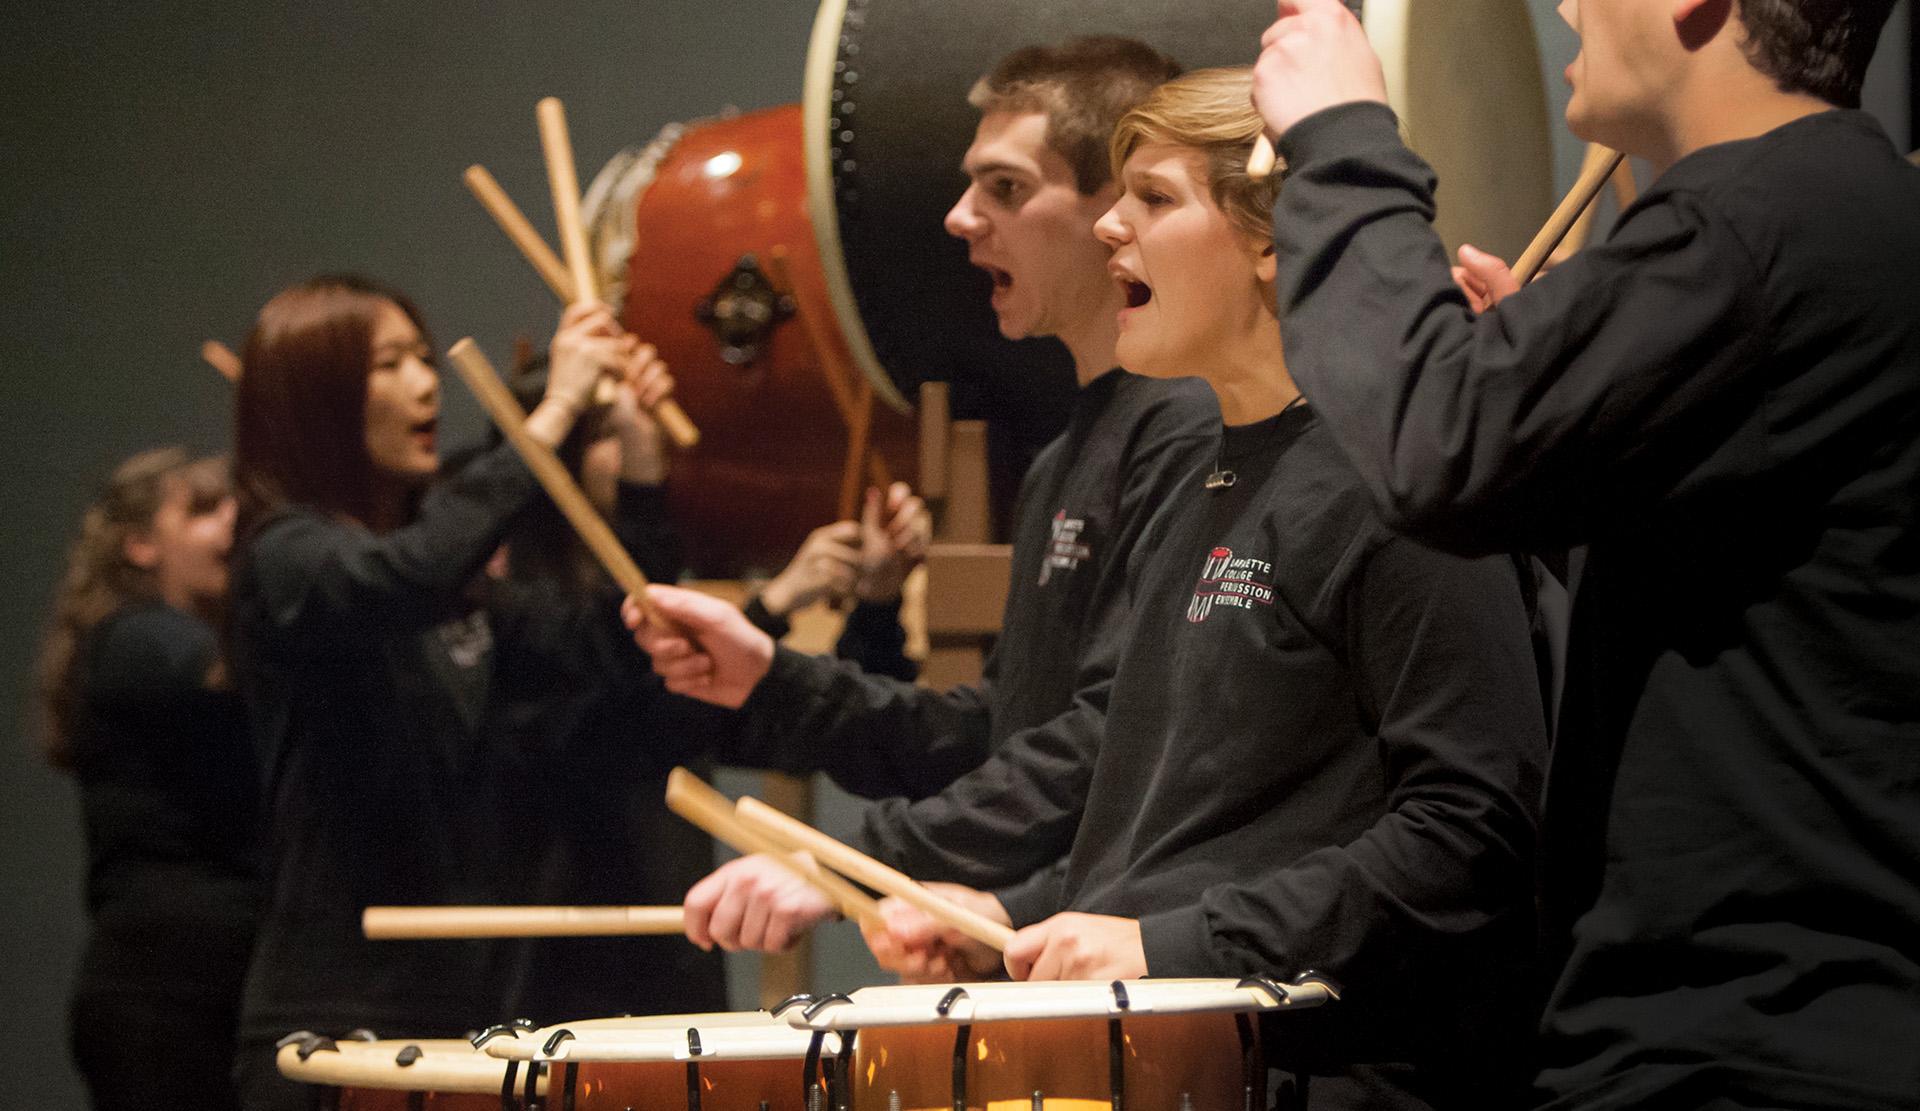 Lafayette College Percussion Ensemble